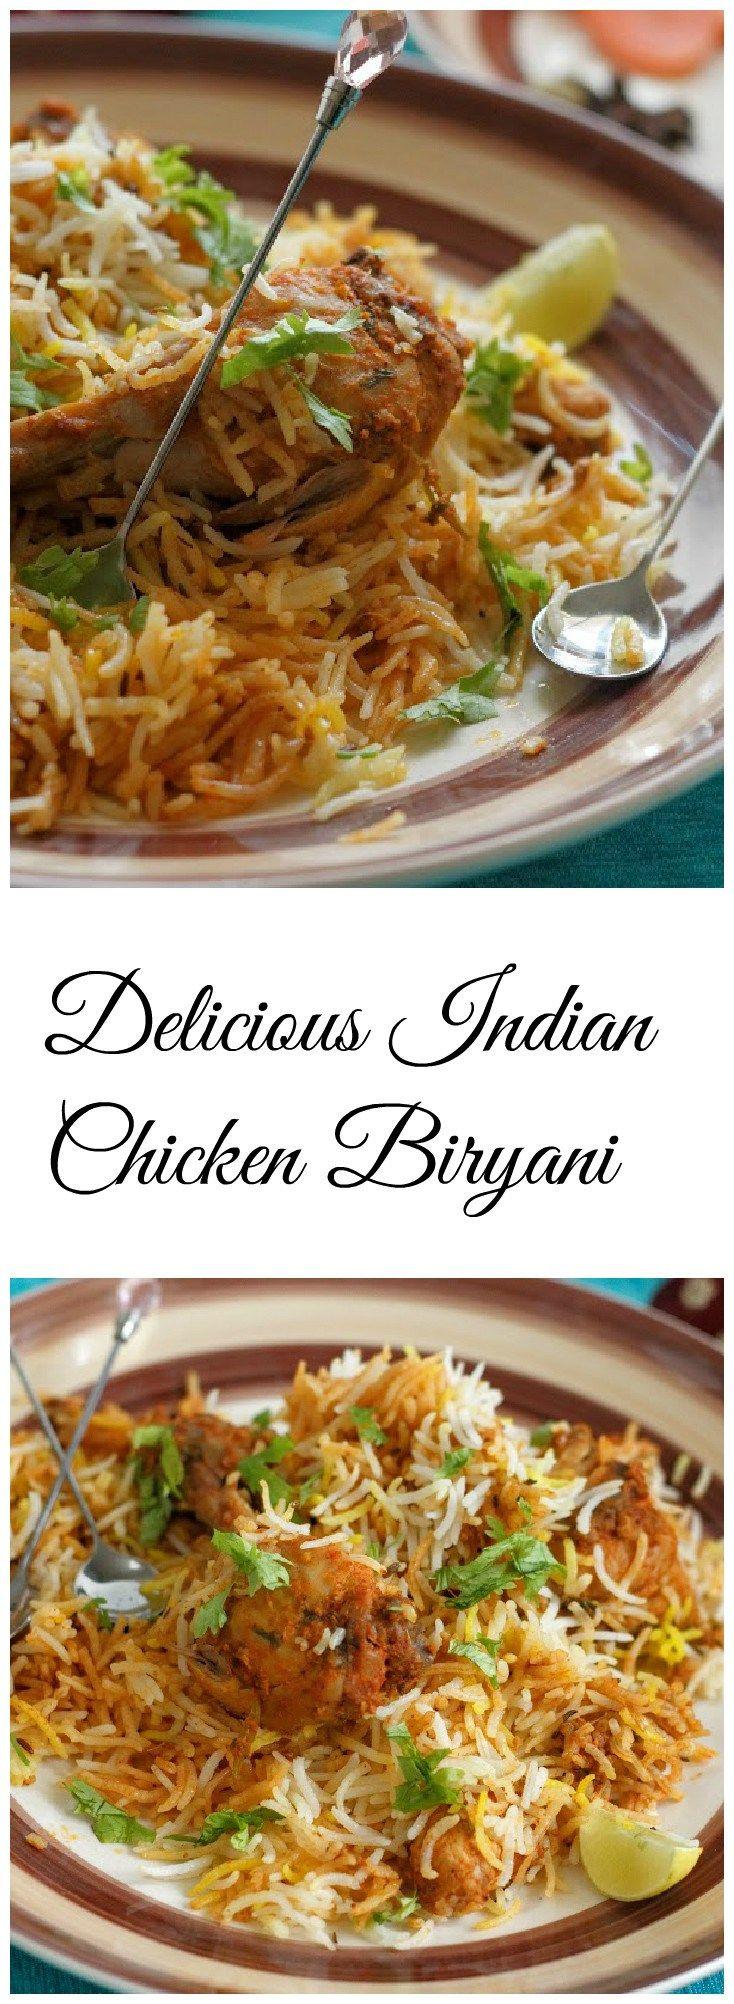 480 best kitchari indian foods images on pinterest cooking food chicken biryani thai recipesindian recipespakistani food recipesrecipes for forumfinder Choice Image